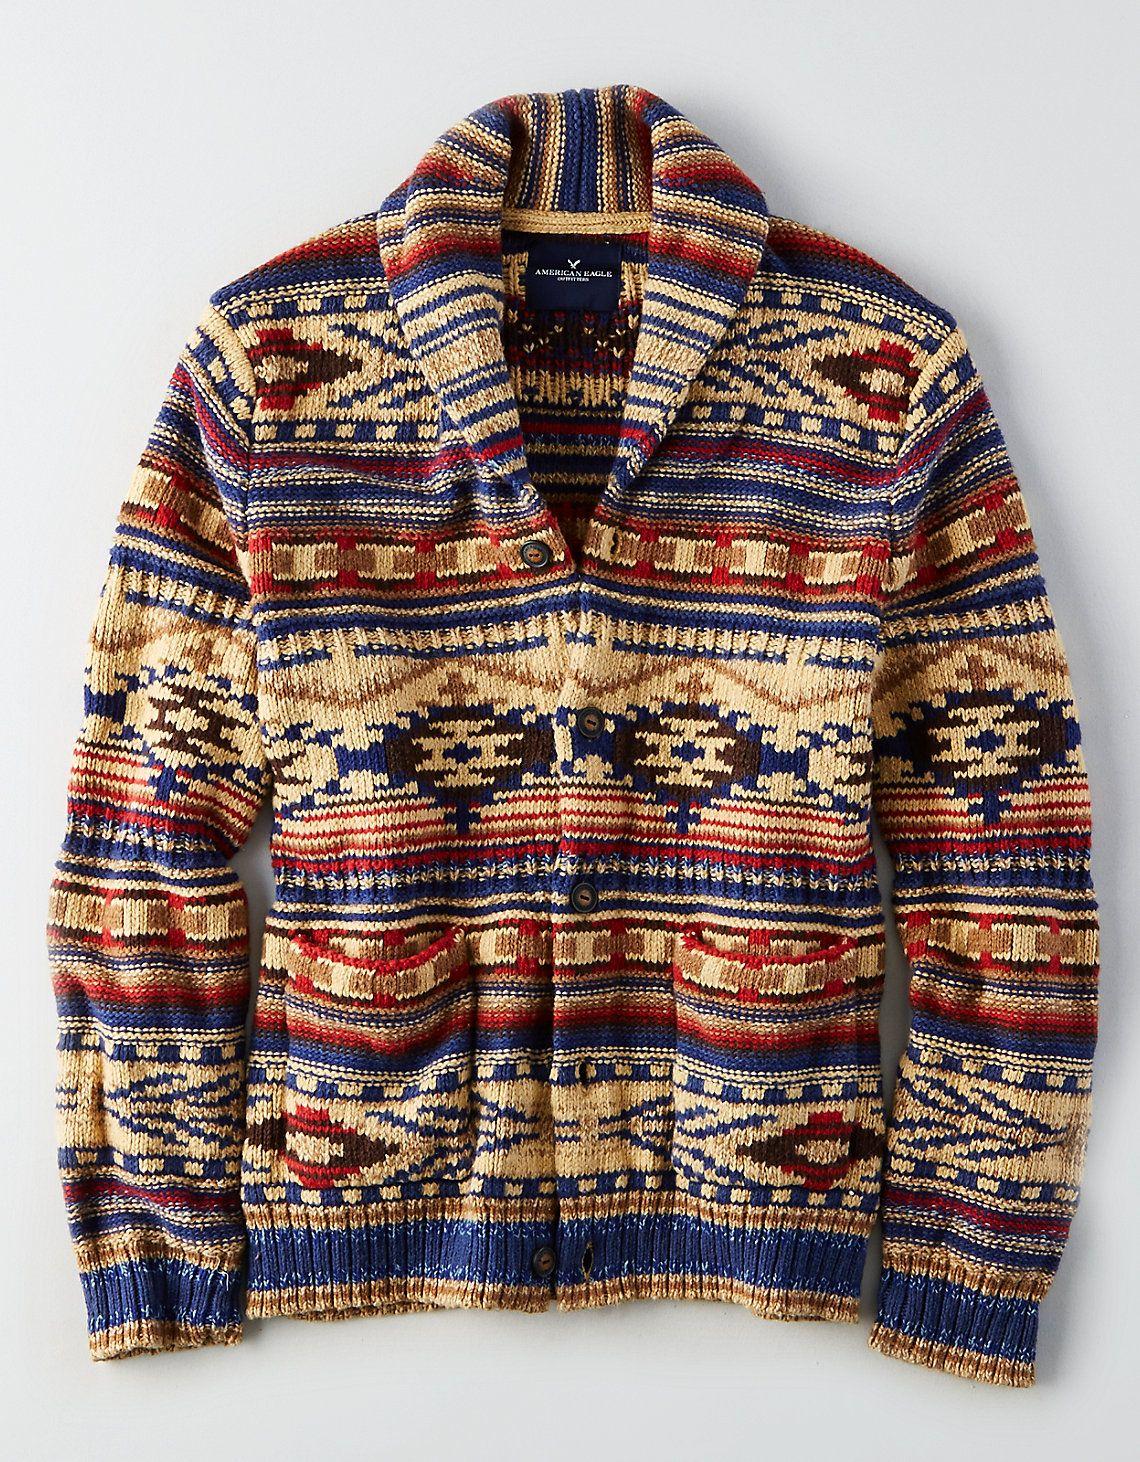 AEO Shawl Cardigan Sweater in Oatmeal   Sweaters/Cardigans ...